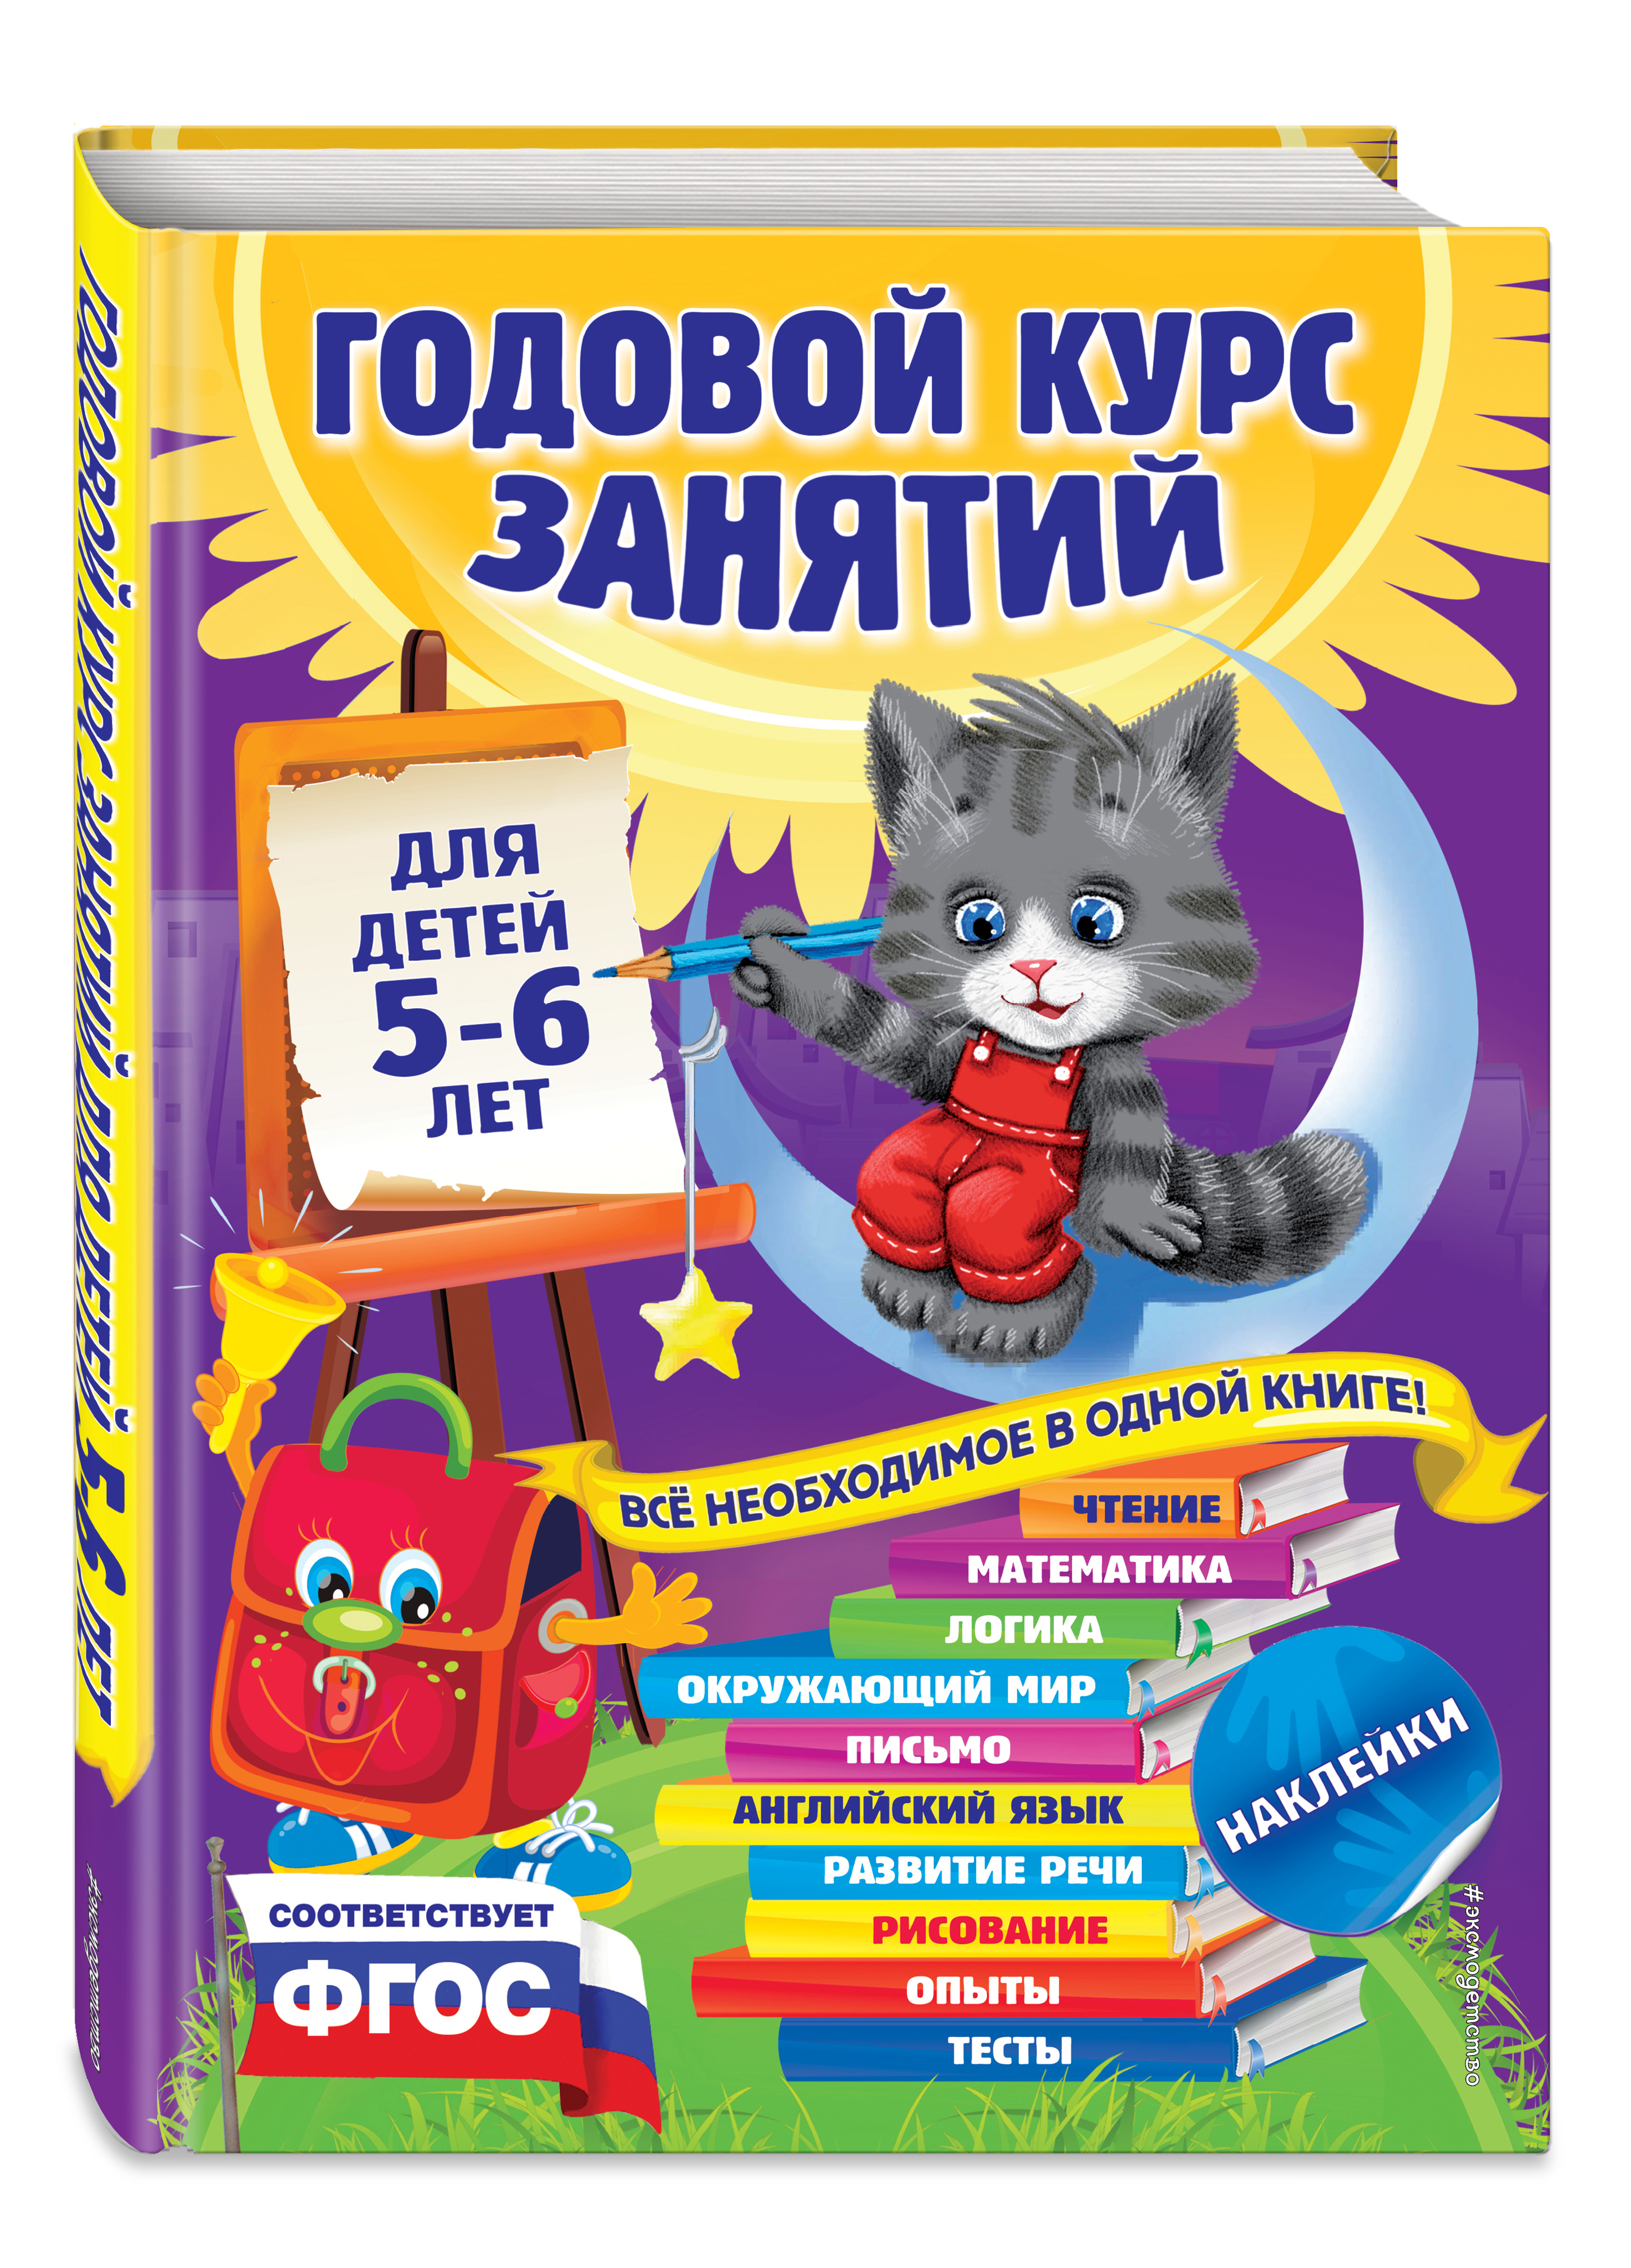 Купить Годовой курс занятий: для детей 5-6 лет (с наклейками), Эксмо, Книги по обучению и развитию детей